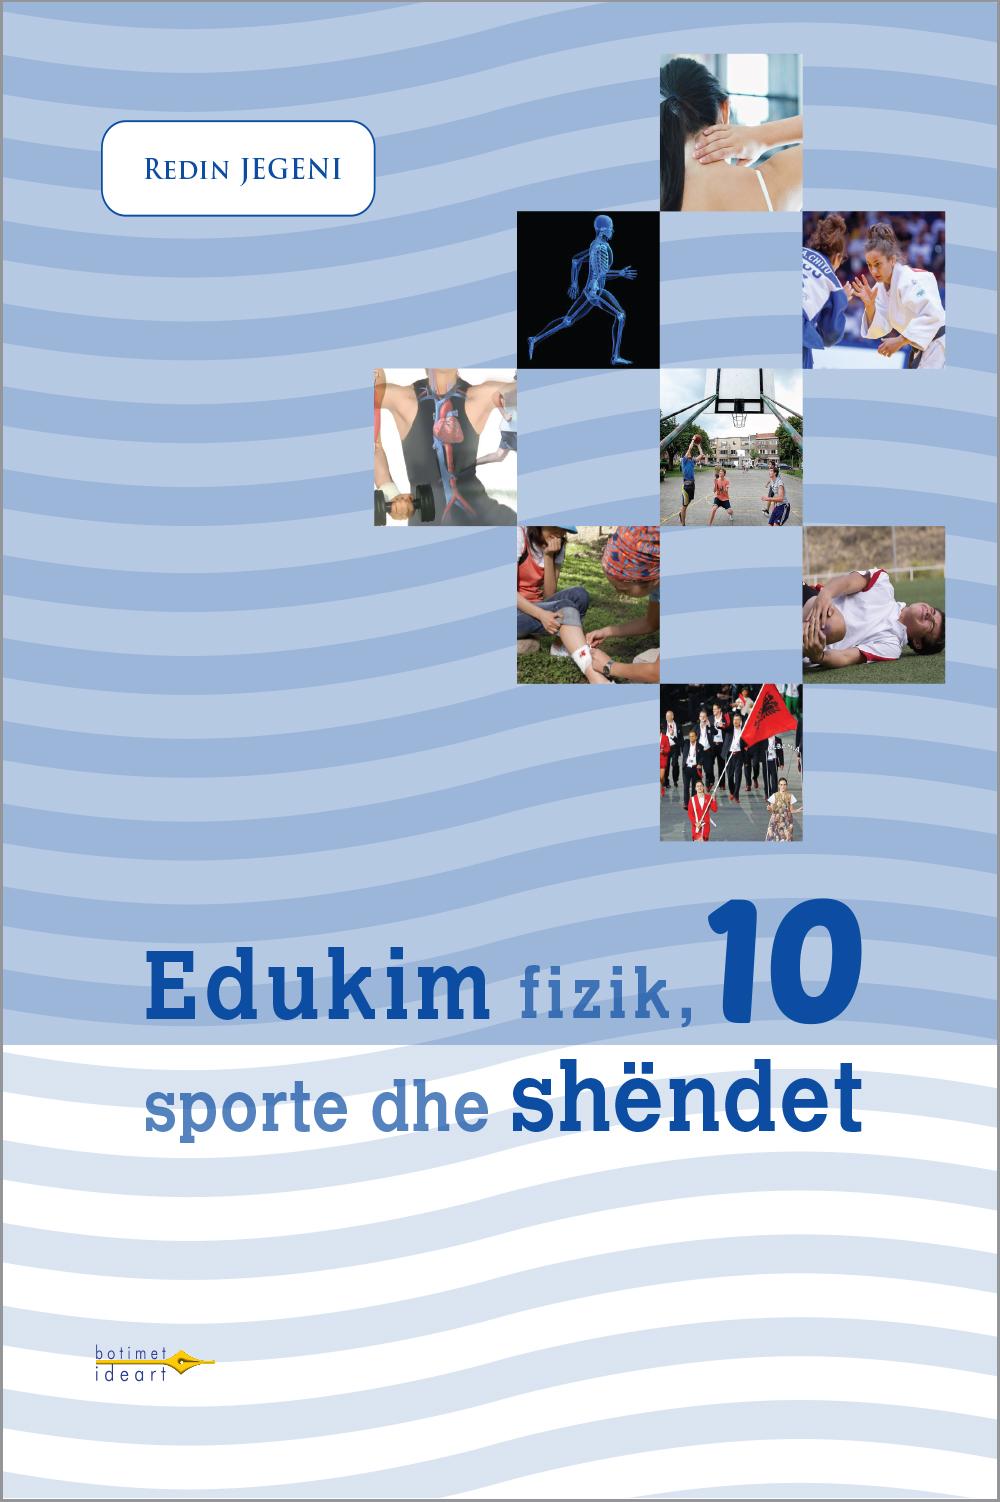 Edukim fizik, sporte dhe shëndet 10